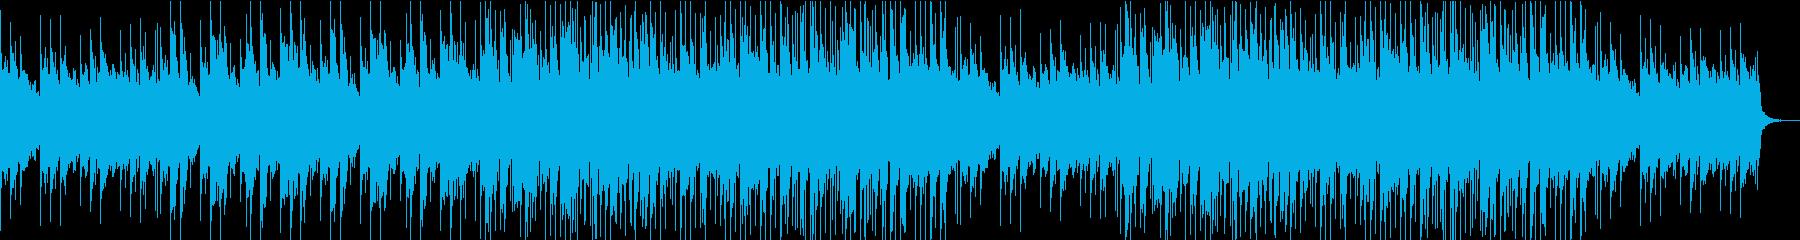 R&B、チル系、癒しのスムースジャズの再生済みの波形